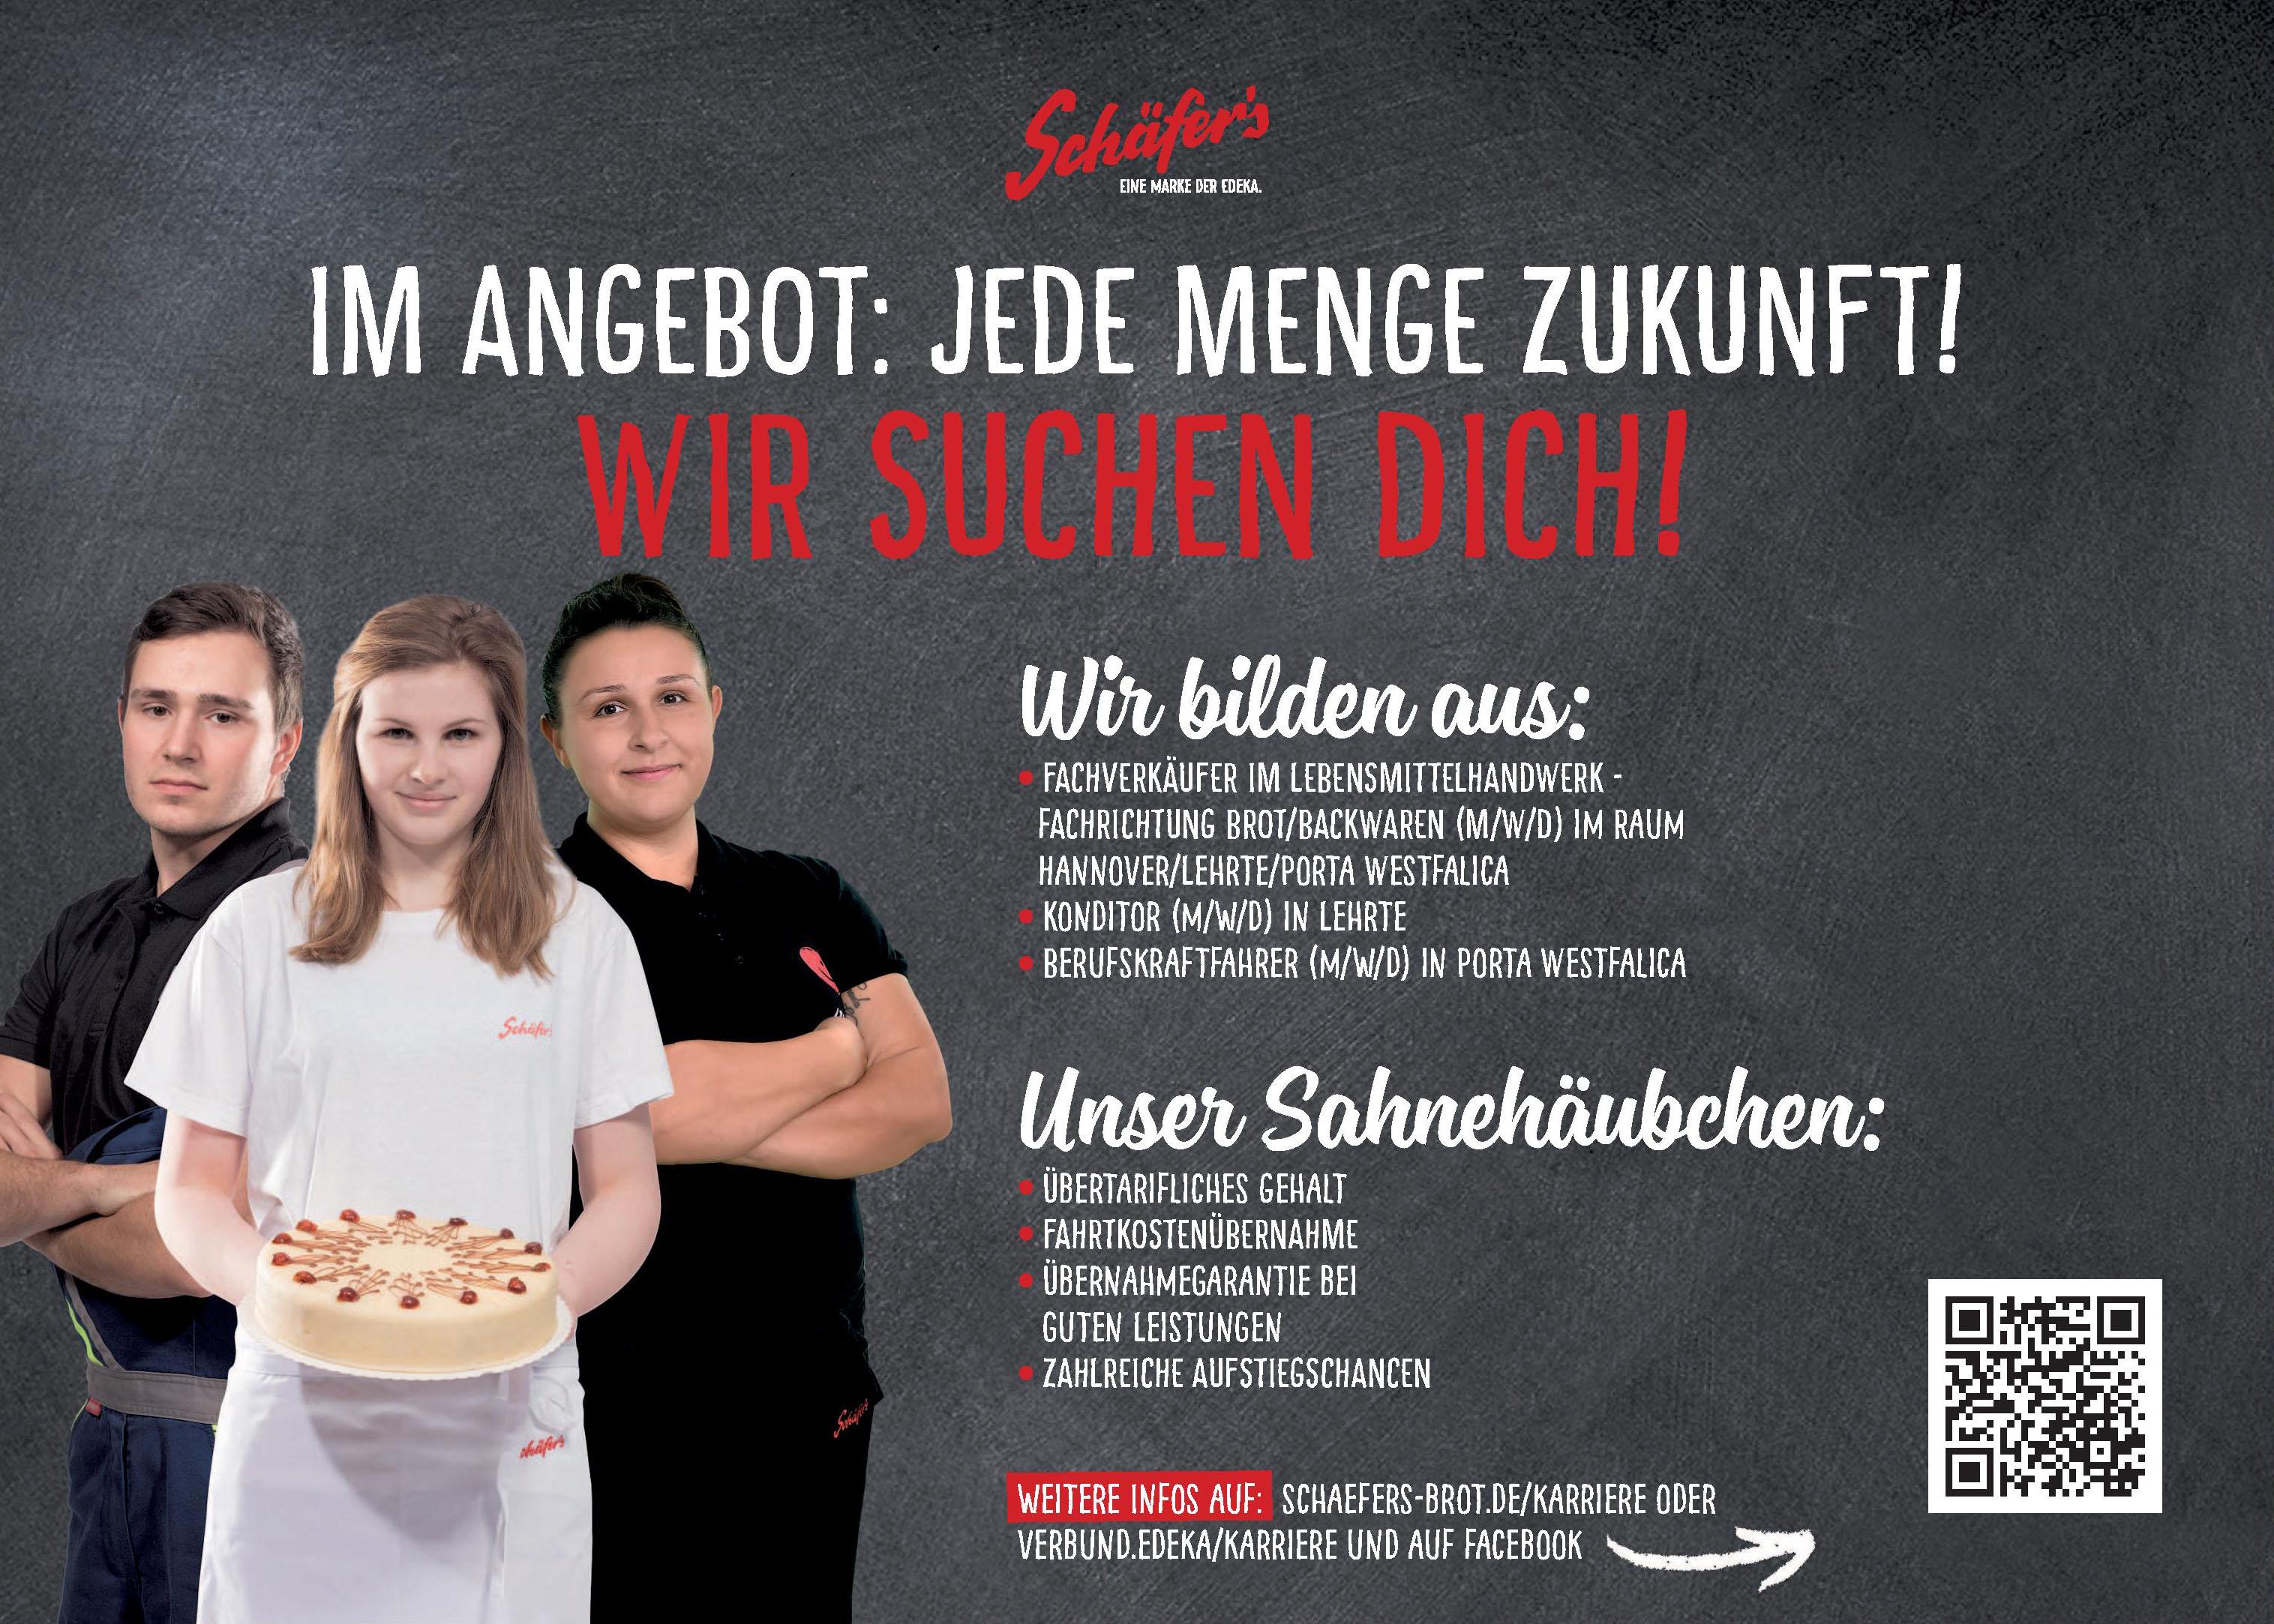 Schäfer's